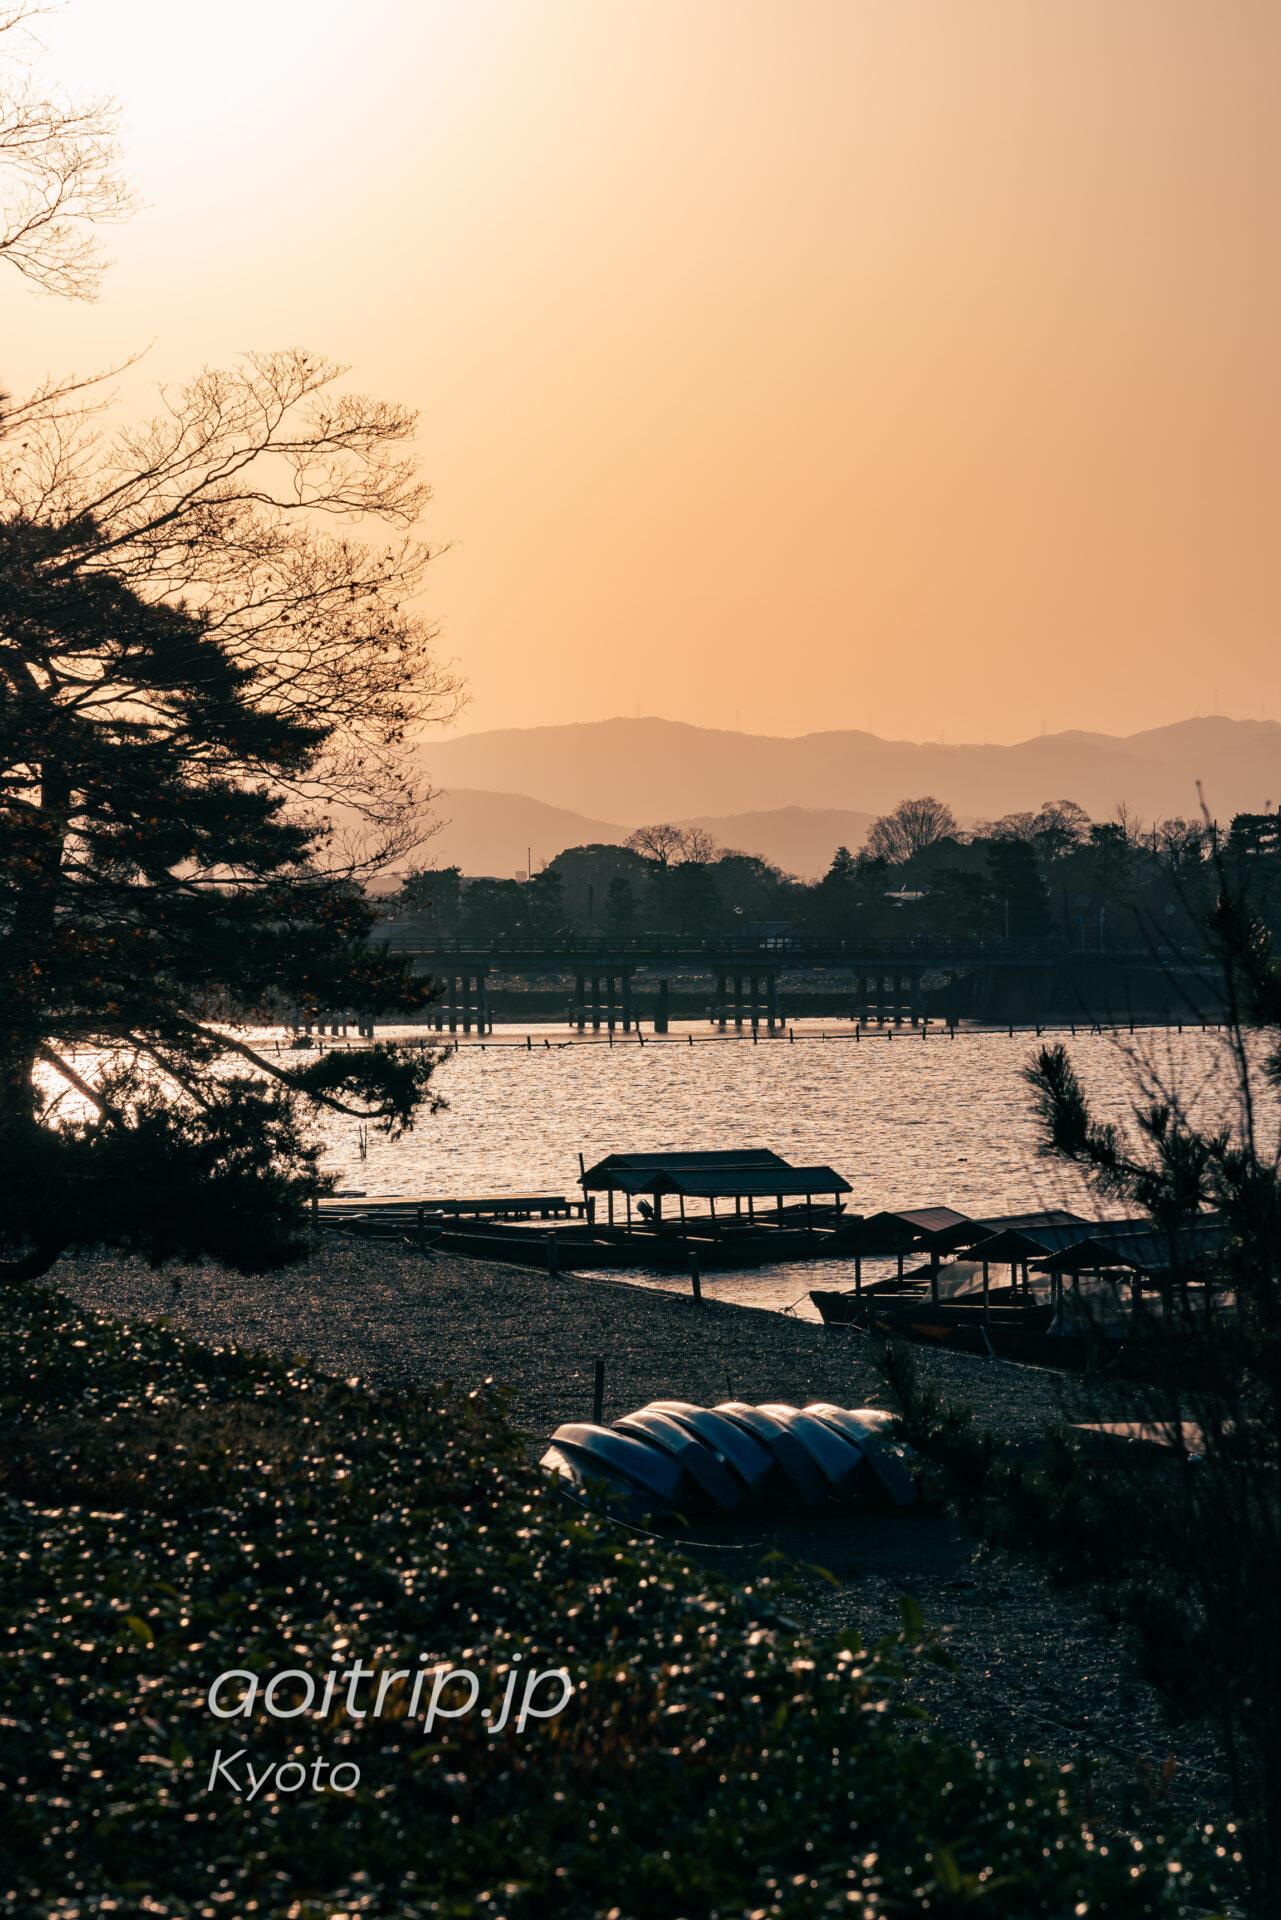 翠嵐ラグジュアリーコレクション京都の敷地から望む渡月橋 Togetsukyo Bridge